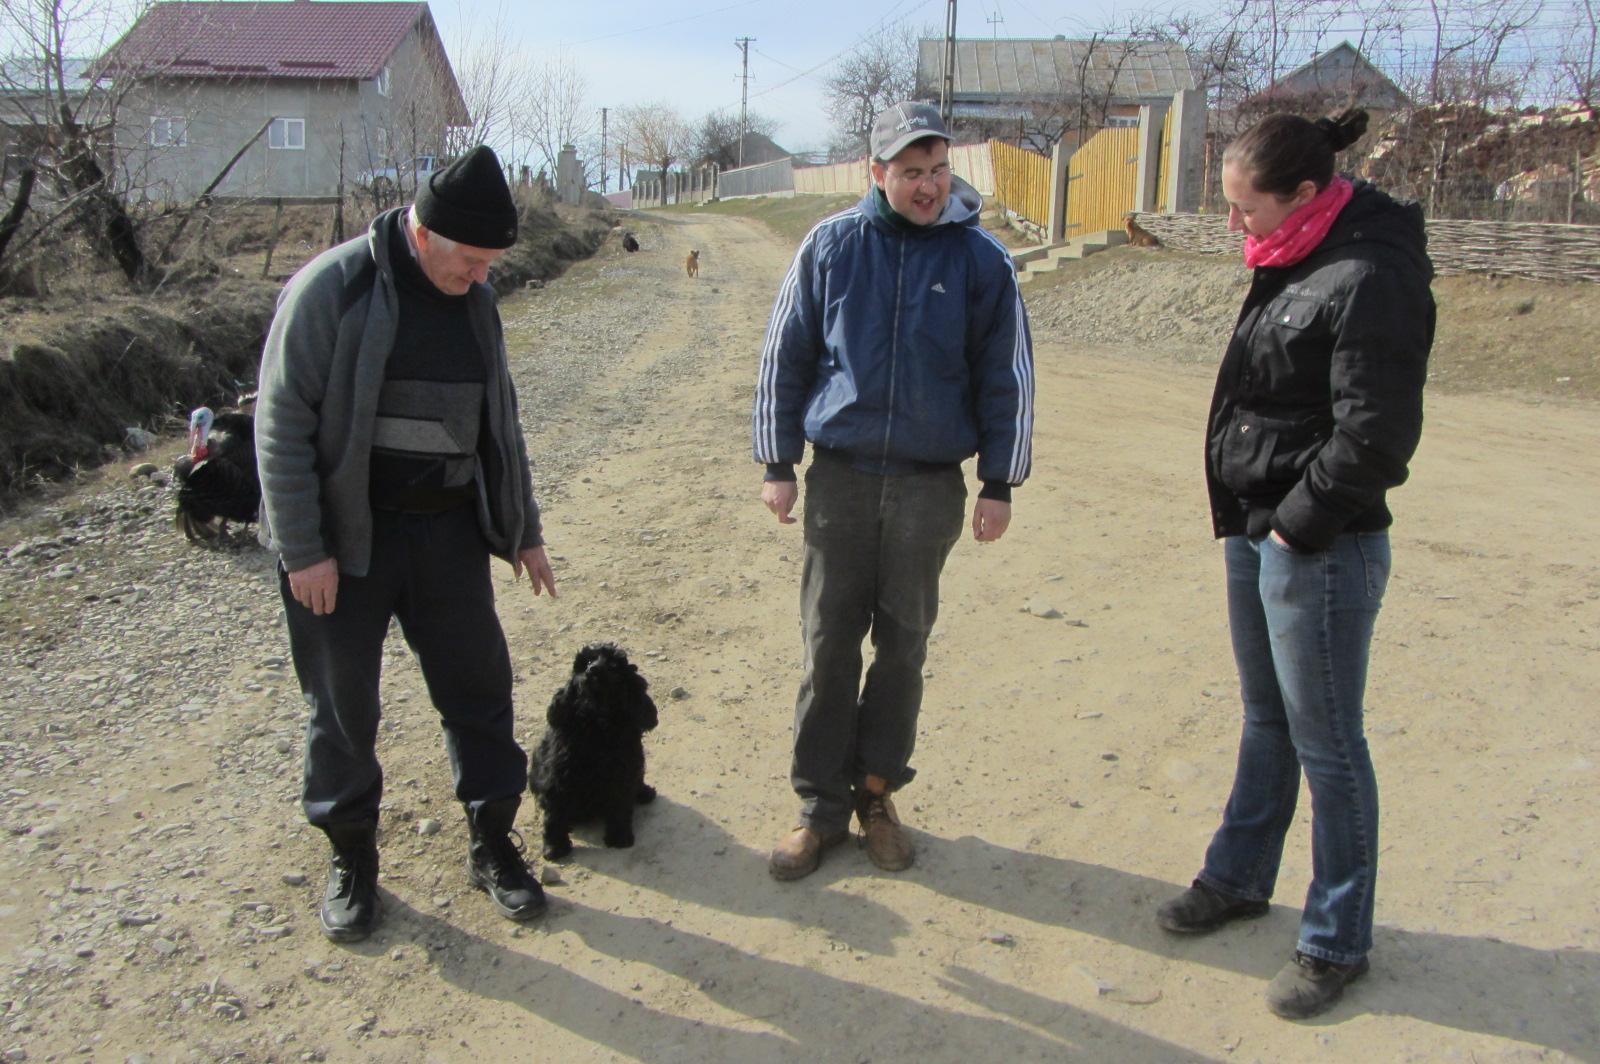 Dr.Alexander führt und durch arme Regionen um über seine Möglichkeiten zu reden.   Ehrenamtlich ist er bereits im Tierschutz aktiv, seit nun drei Jahren! Außerdem ist er der offizielle Amtsinspektor der Region Suceava, ehrenamtlich!